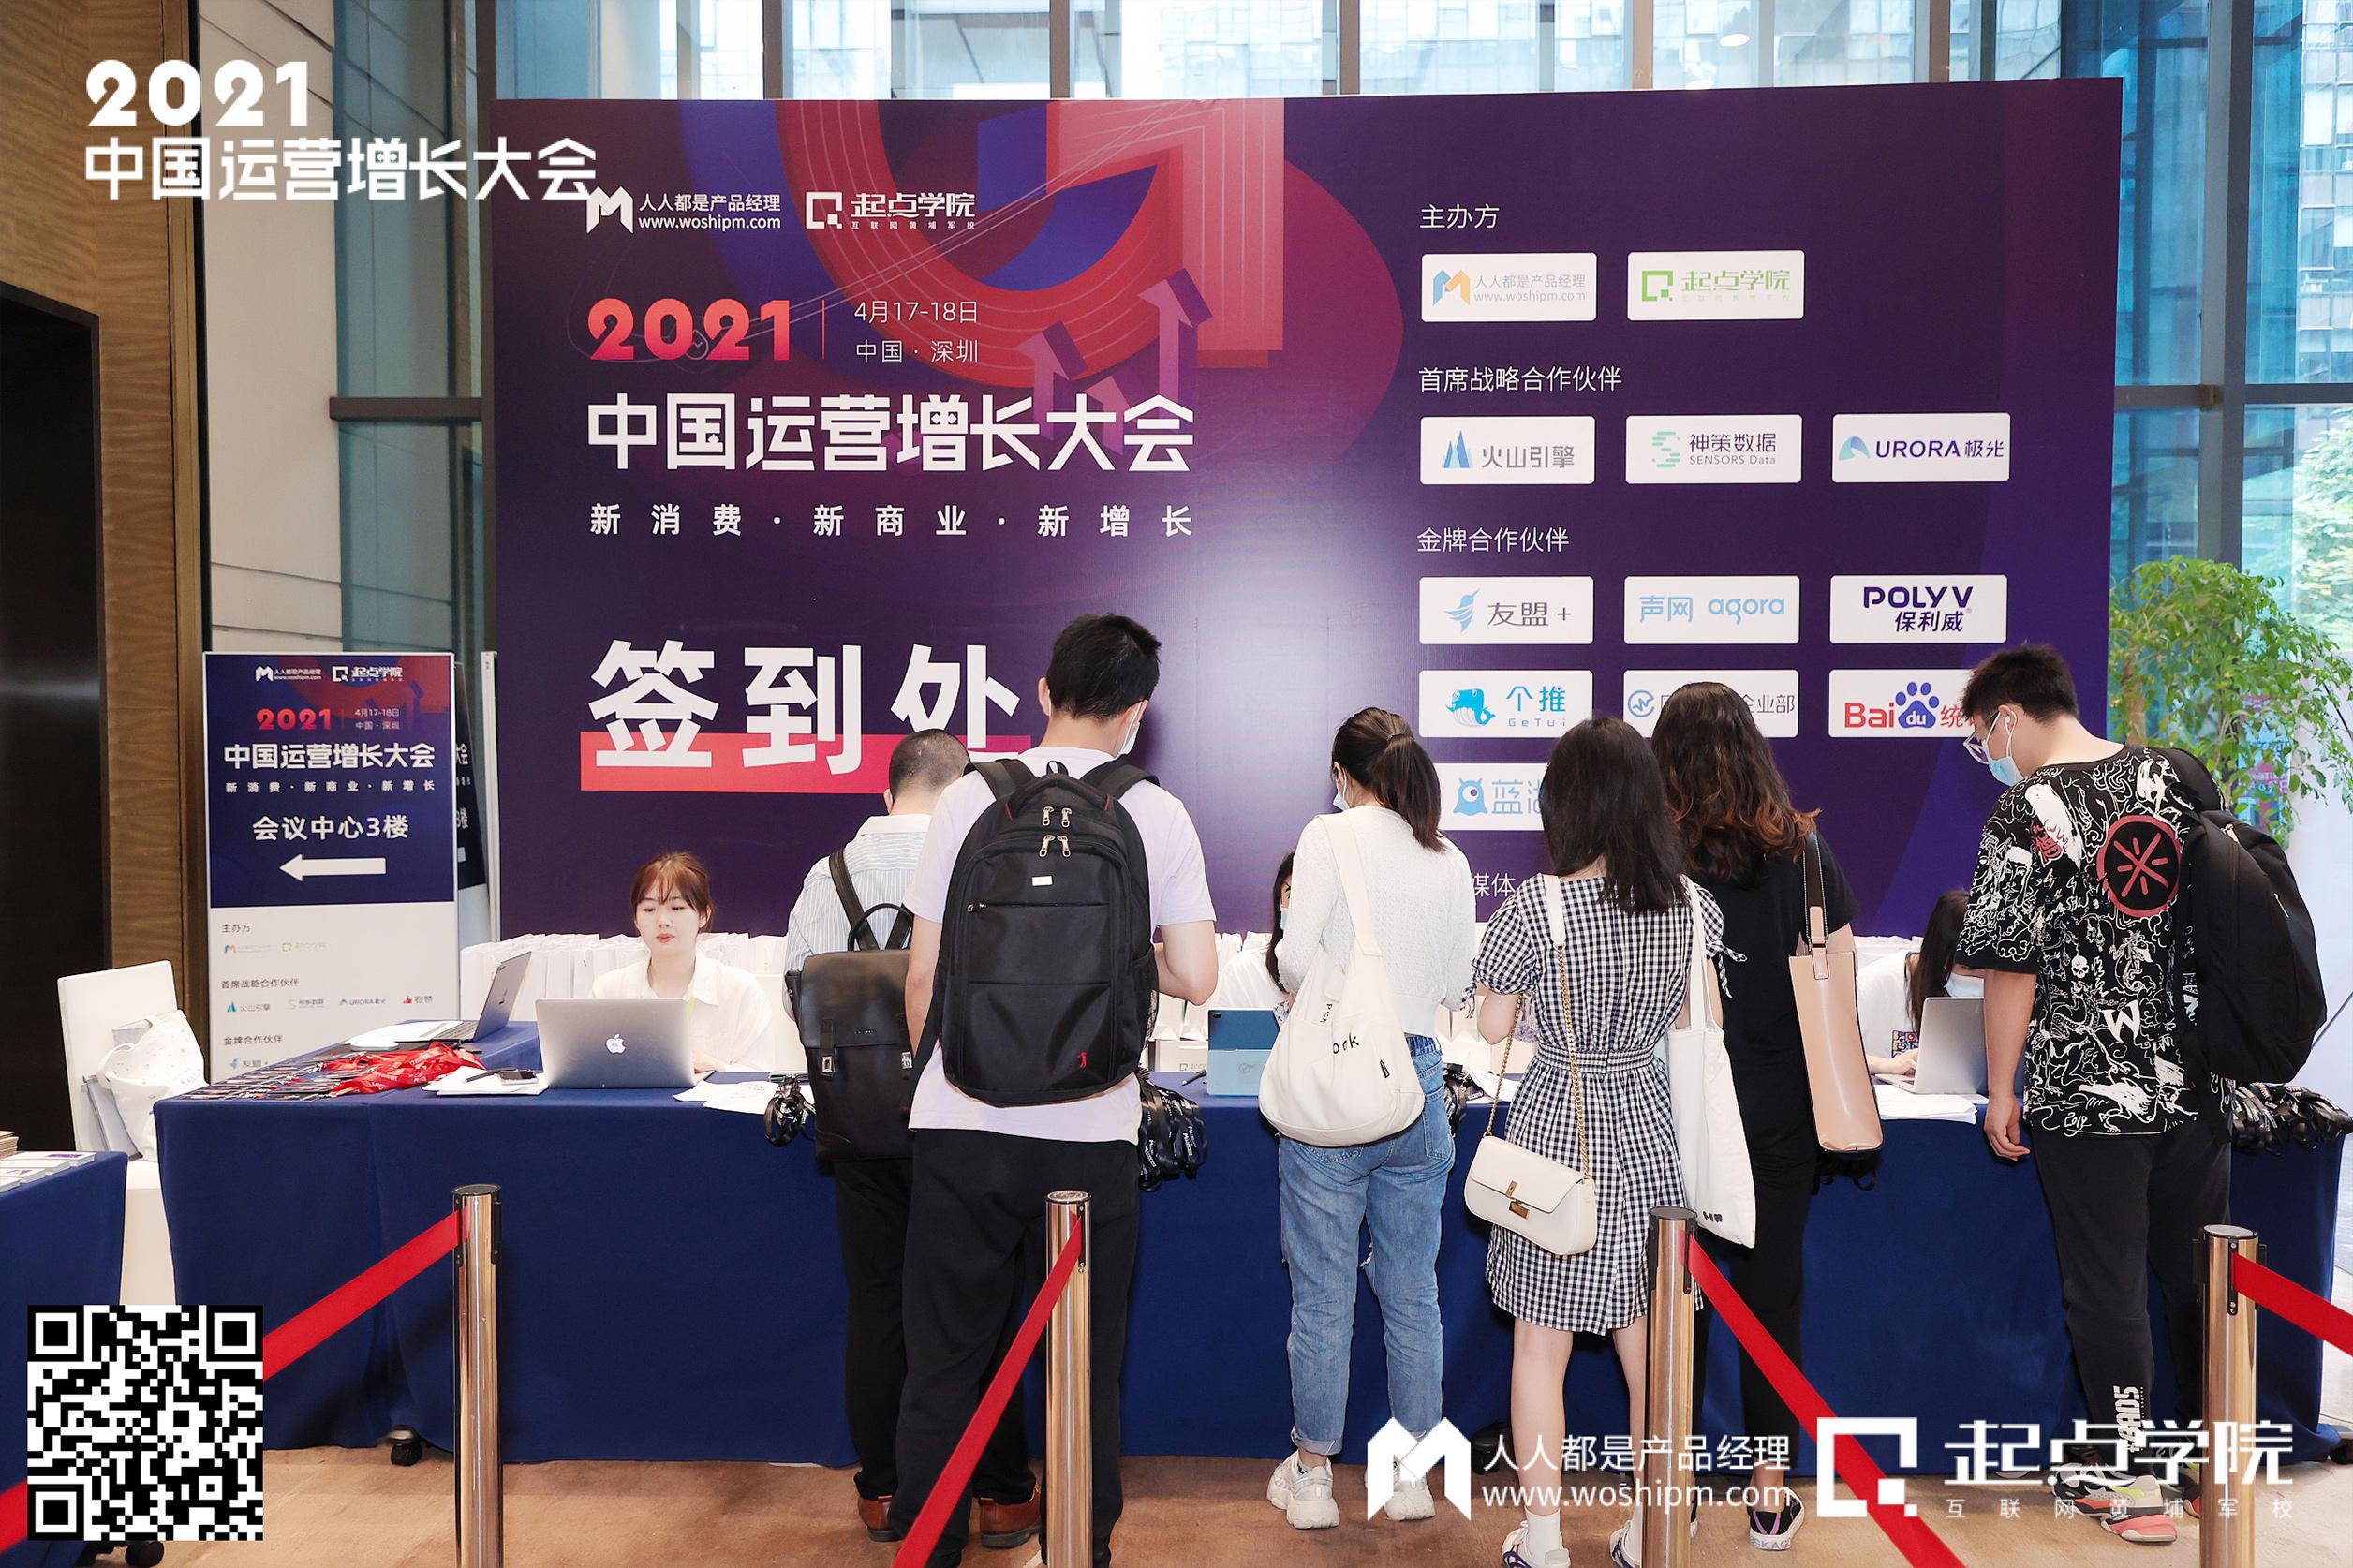 竞争没有结束而是刚刚开始——2021中国运营增长会·深圳站现场报道(图7)